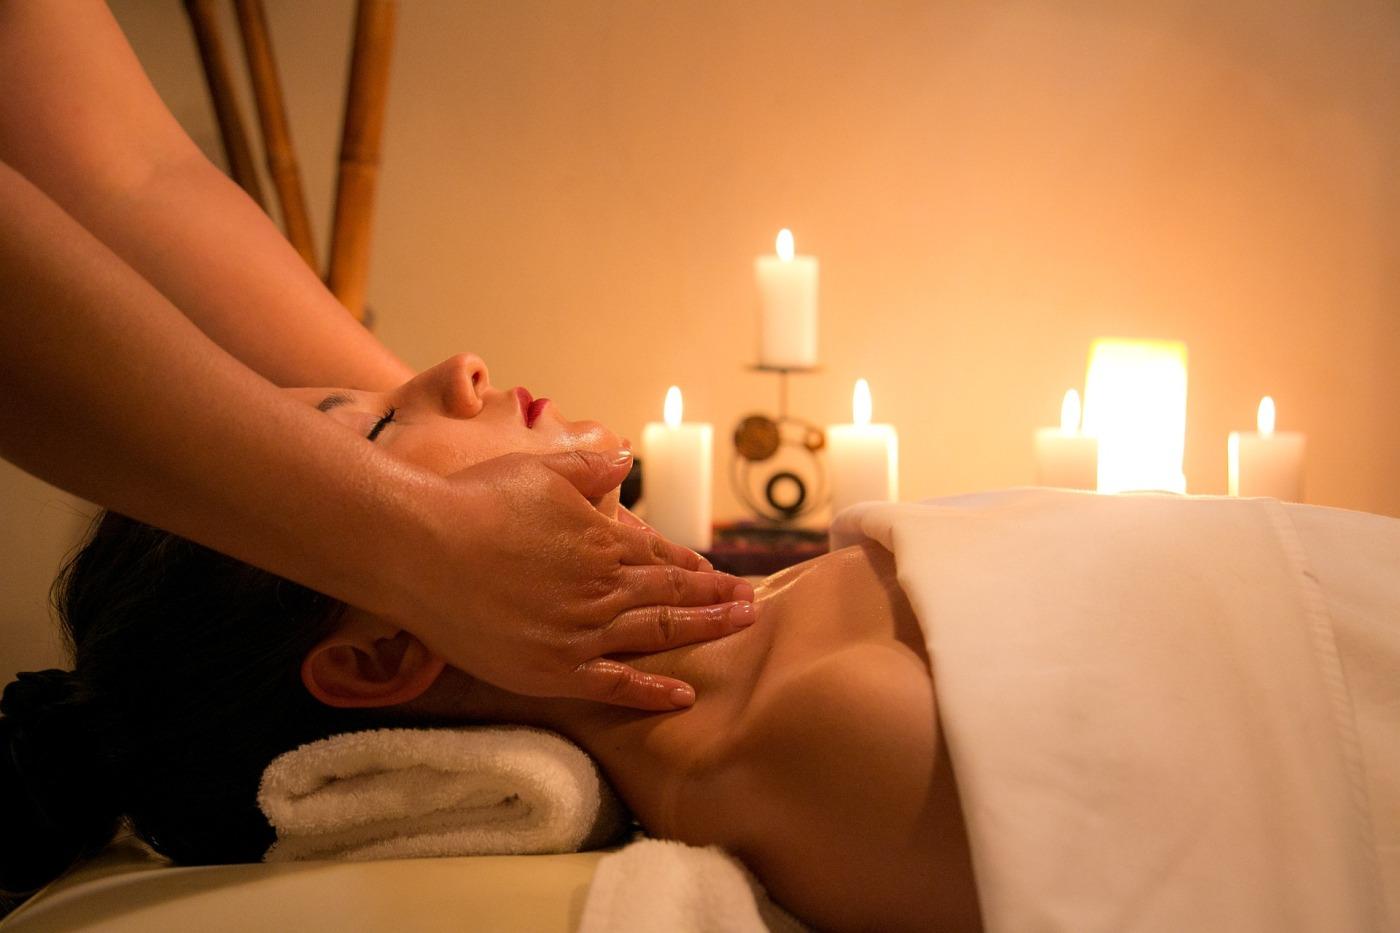 Bon Cadeau Massage Bayonne, Massage Professionnel, qualité et compétence, Massage Duo Bayonne, Chèque Cadeau Massage Bayonne, Soin du Corps Bayonne, ExcellenceWellness Massage Bien-être Bayonne, Spa de Beauté Bio.